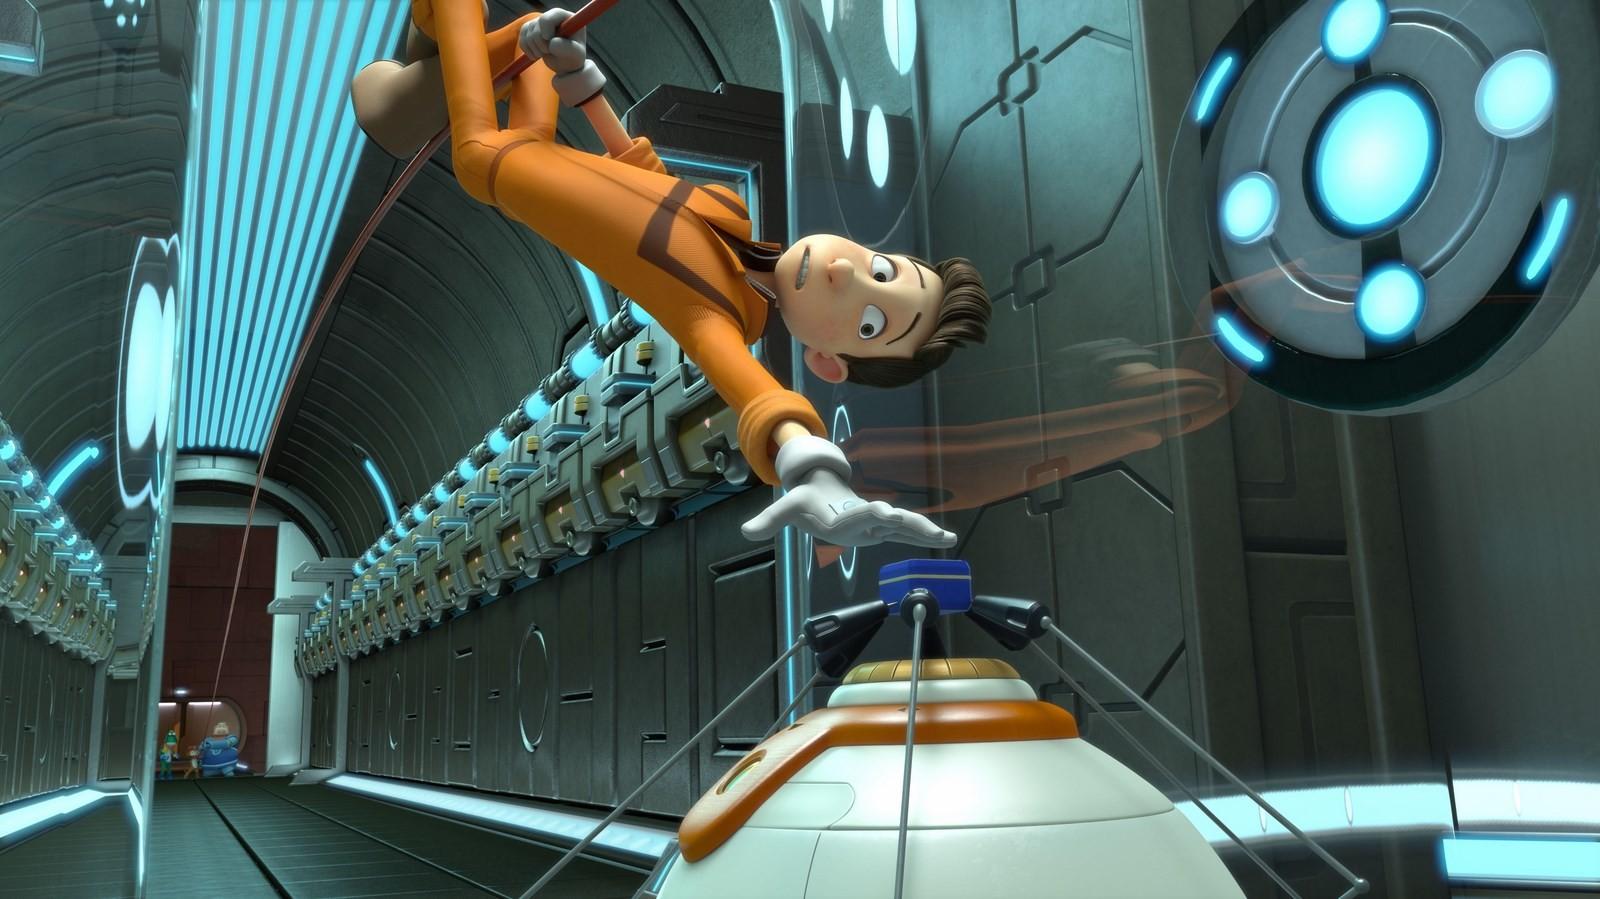 En Süper Kahramanlar Tek link indir Ekran Görüntüsü 2